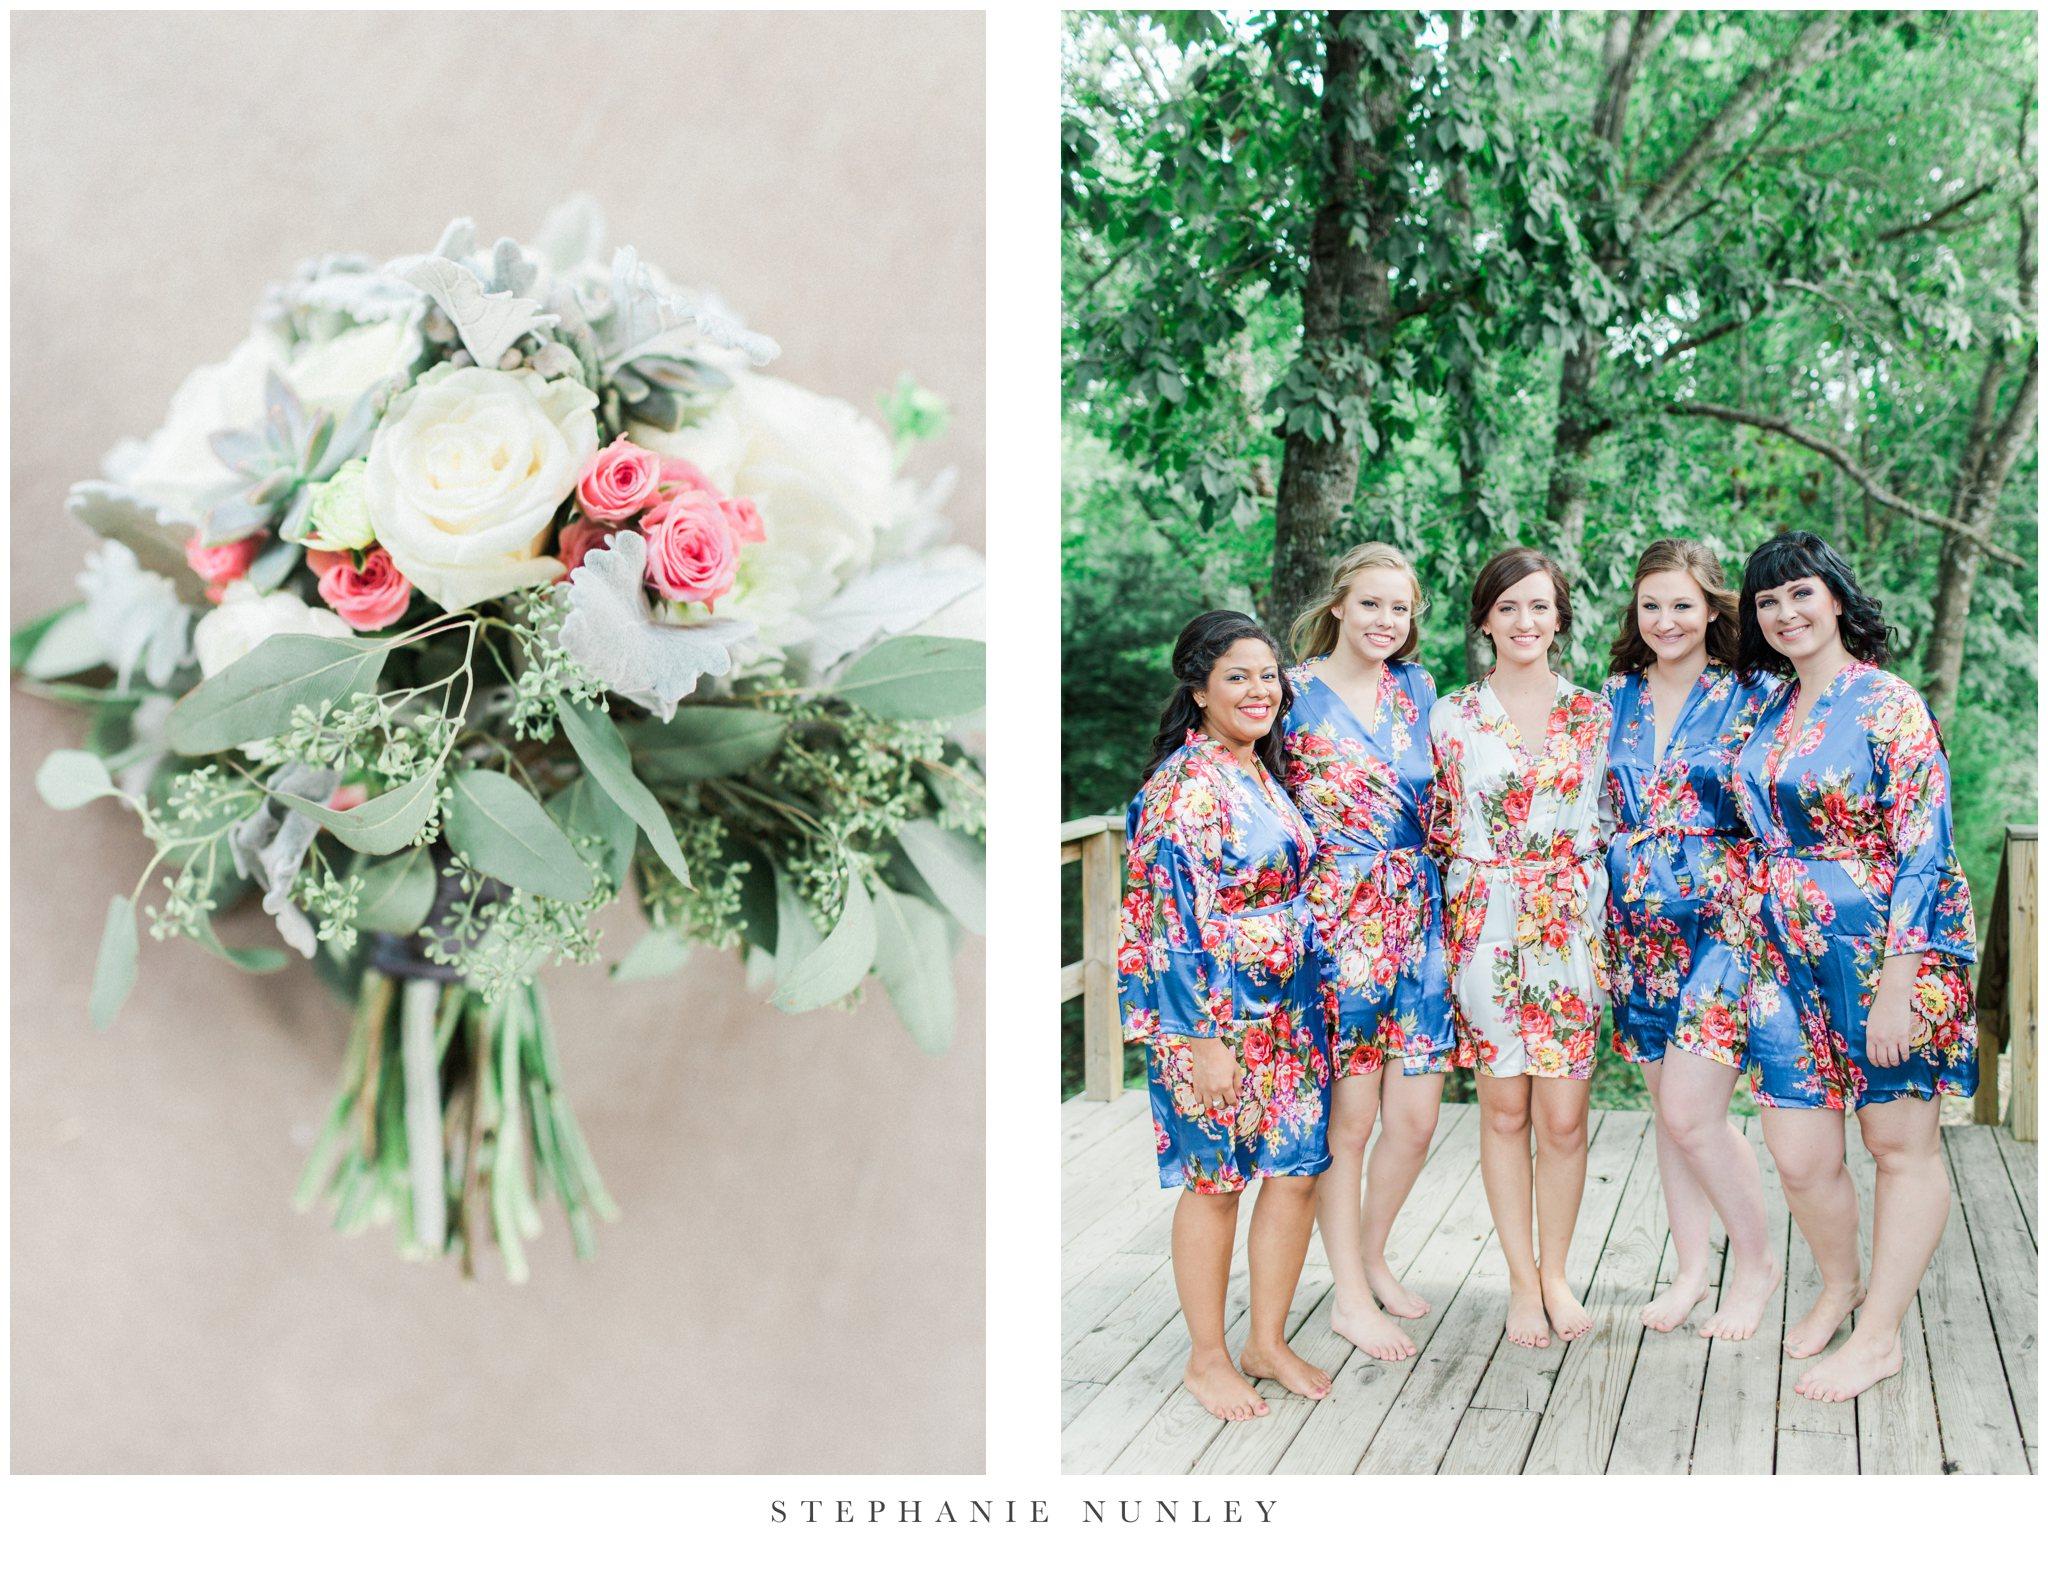 arkansas-outdoor-film-inspired-wedding-0017.jpg